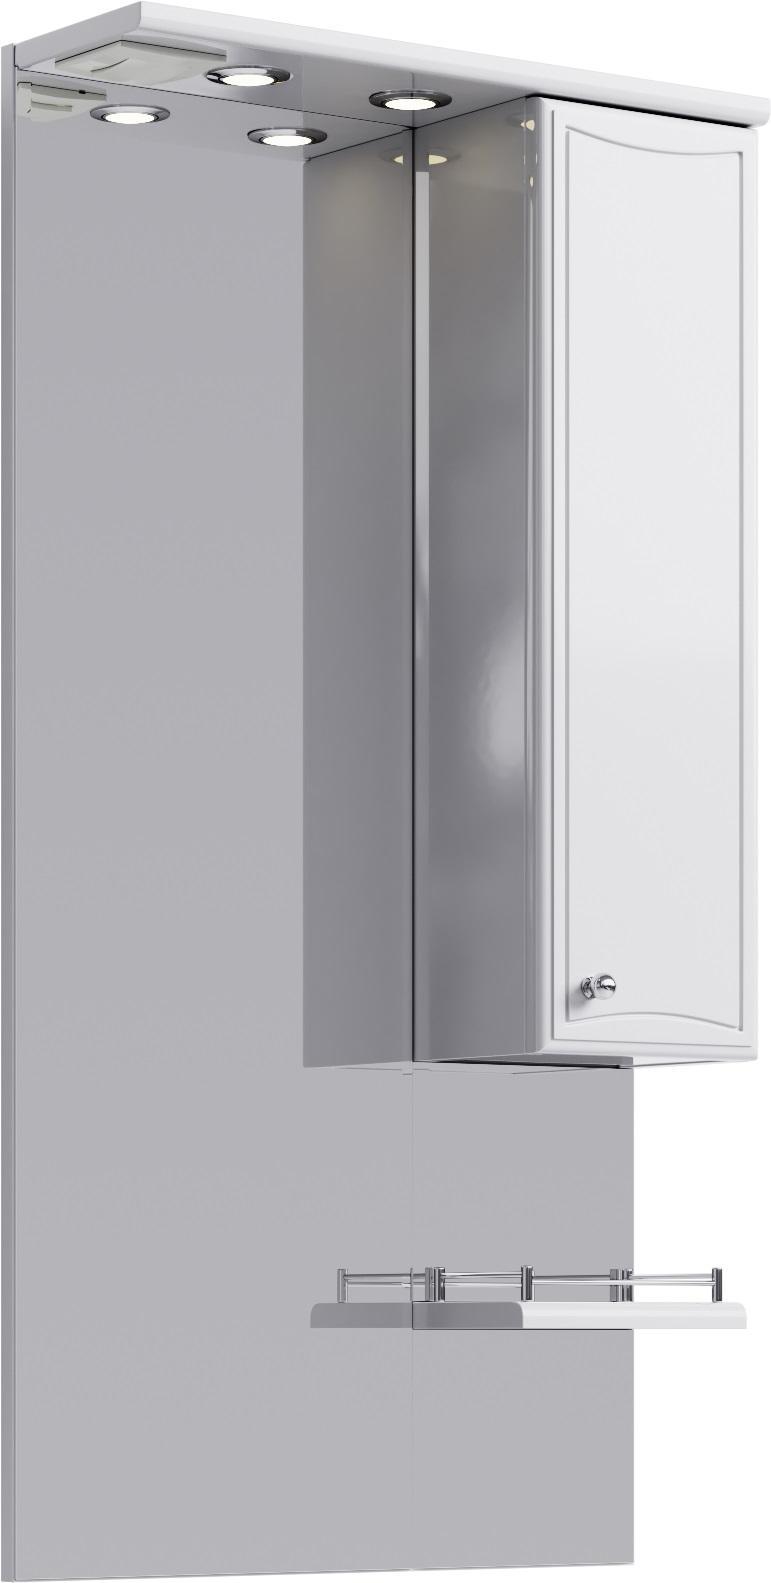 Купить Зеркало Aqwella Барселона 55 со шкафчиком и подсветкой, белый Ba.02.55, Россия